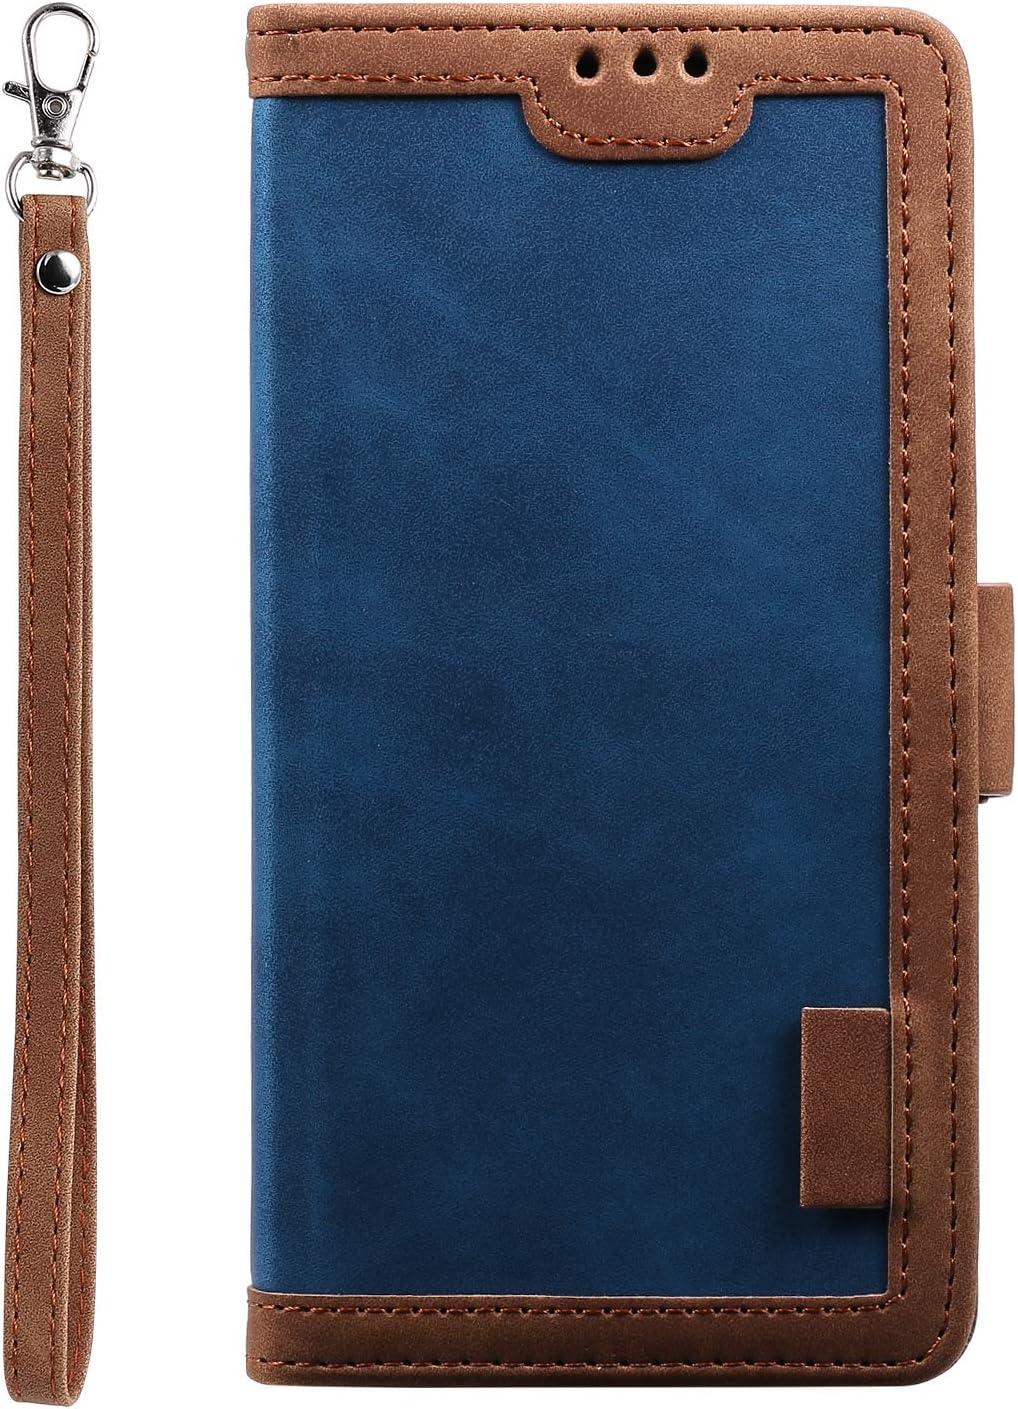 Tosim Coque iPhone XR TOHHA160065 Bleu Portefeuille /Étui en Cuir Synth/étique Fonction Stand Case Housse Folio /à Rabat Compatible avec Apple iPhone XR